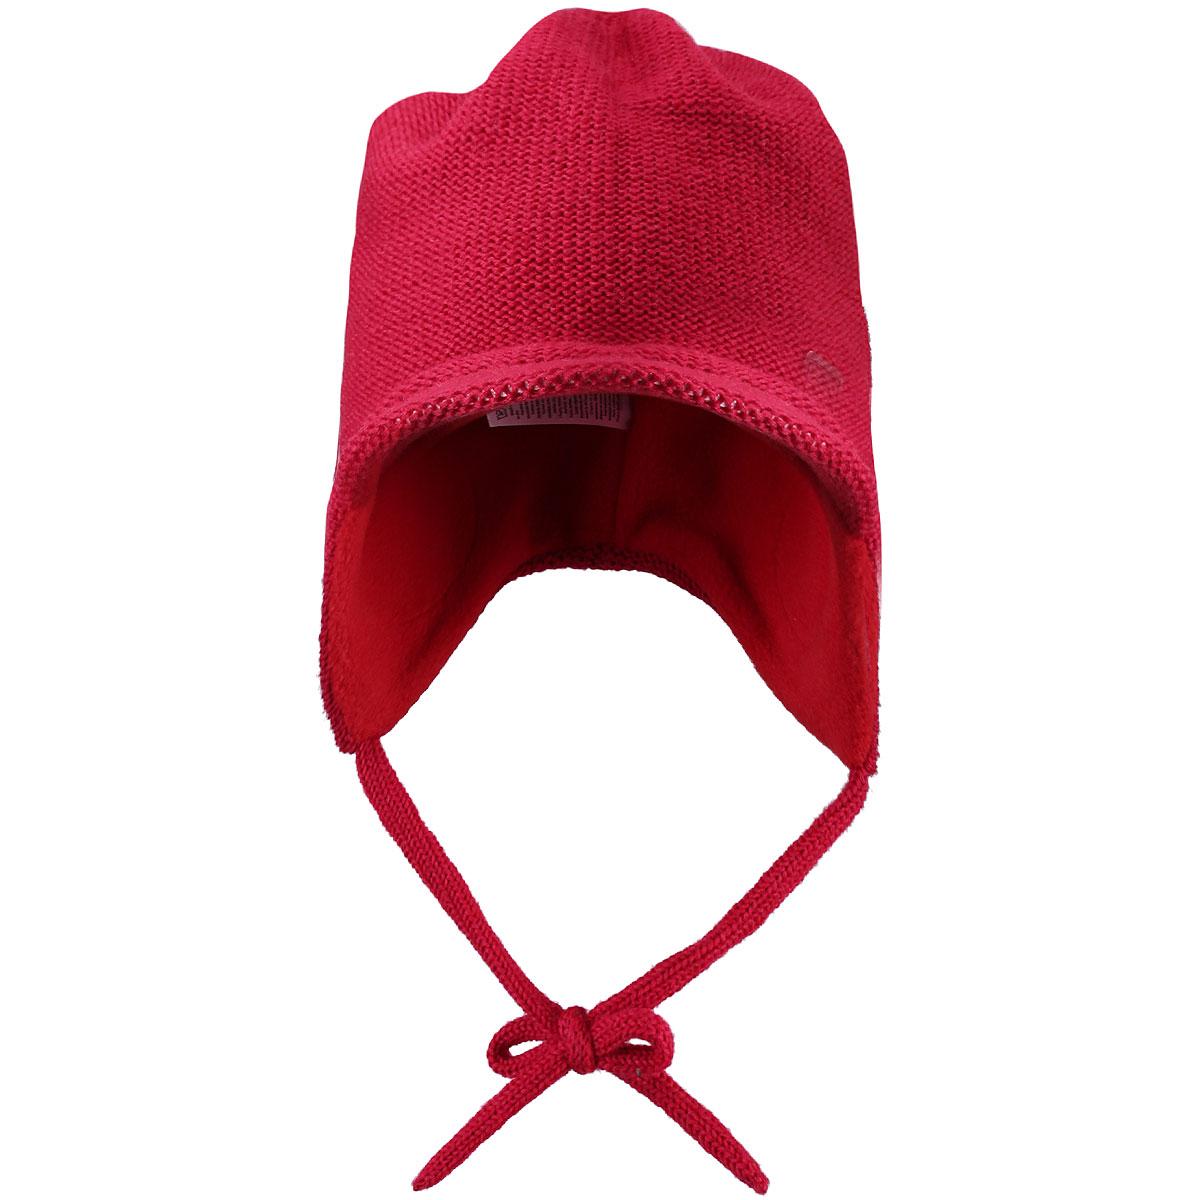 Шапка детская Baham. 518234518234_6980Комфортная детская шапка Reima Baham идеально подойдет для прогулок в холодное время года. Шапочка с ветрозащитными вставками в области ушей, выполненная из шерстяной пряжи, максимально сохраняет тепло, она мягкая и идеально прилегает к голове. Шерсть хорошо тянется и устойчива к сминанию. Мягкая подкладка выполнена из флиса, поэтому шапка хорошо сохраняет тепло и обладает отличной гигроскопичностью (не впитывает влагу, но проводит ее). Удлиненная на макушке шапка с козырьком на ушках дополнена завязками, которые фиксируются под подбородком. Оформлена модель спереди небольшой нашивкой из искусственной кожи с названием бренда. Оригинальный дизайн и яркая расцветка делают эту шапку модным и стильным предметом детского гардероба. В ней ваш ребенок будет чувствовать себя уютно и комфортно и всегда будет в центре внимания! Уважаемые клиенты! Размер, доступный для заказа, является обхватом головы ребенка.